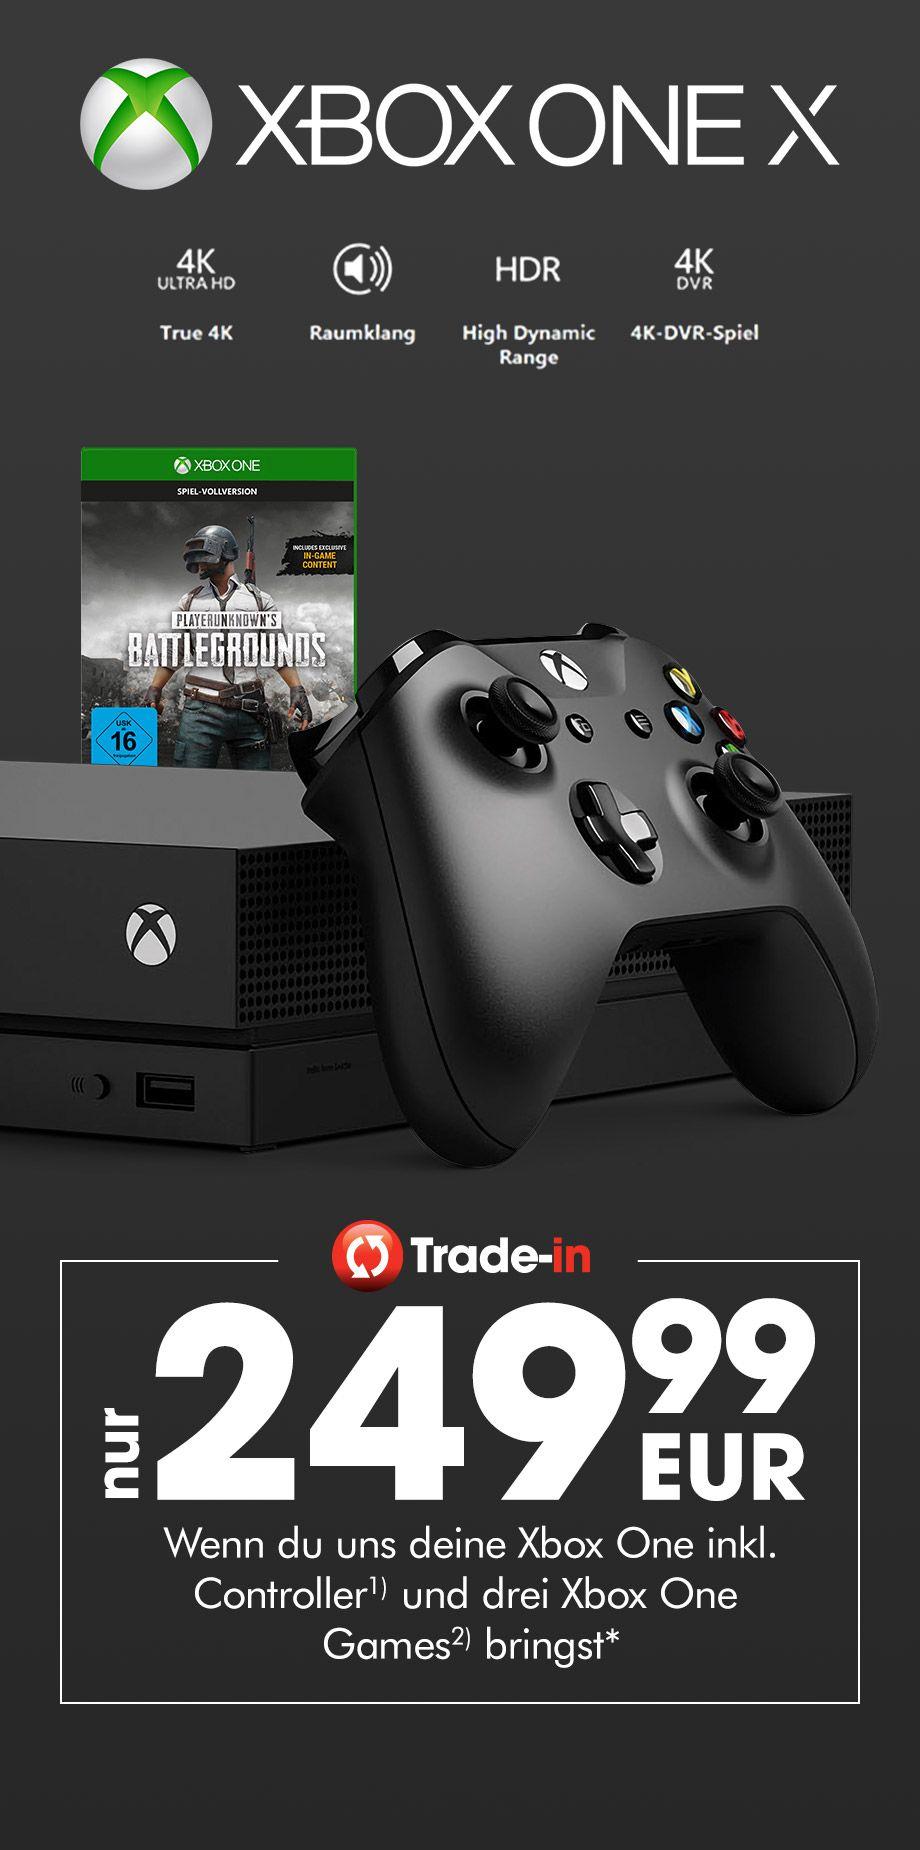 Gamestop Xbox One X Tauschaktion